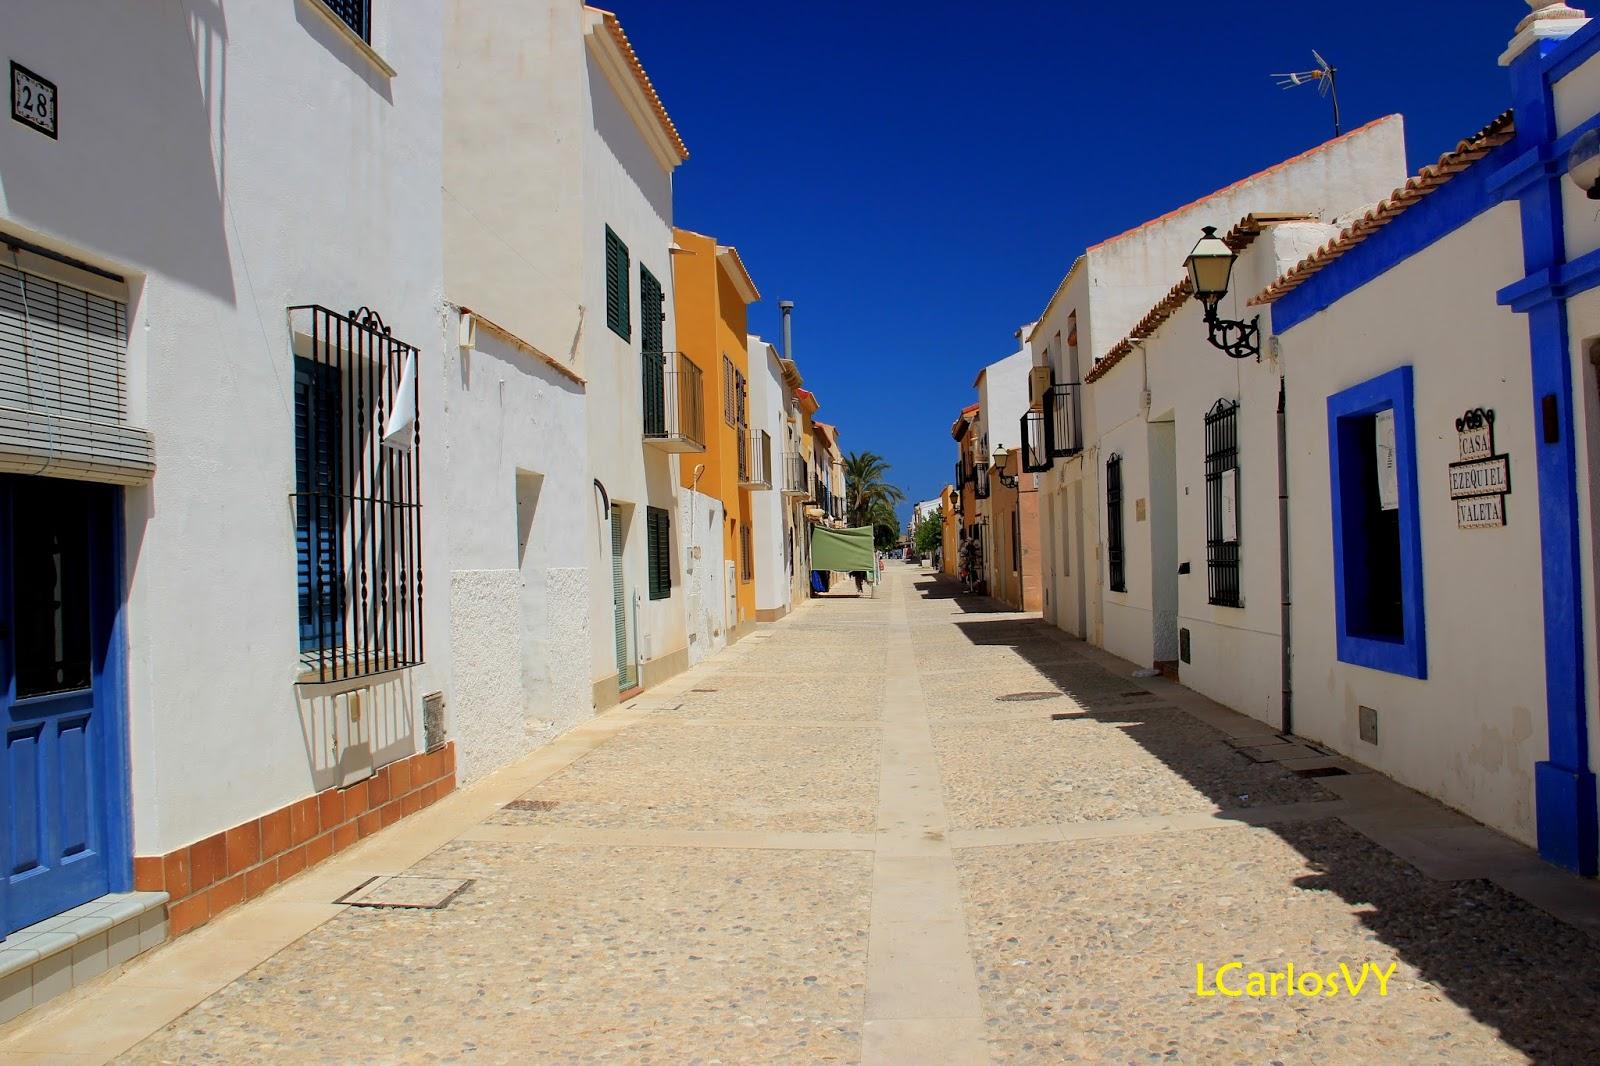 Viajando a mi manera isla de tabarca - Residencial isla tabarca ...